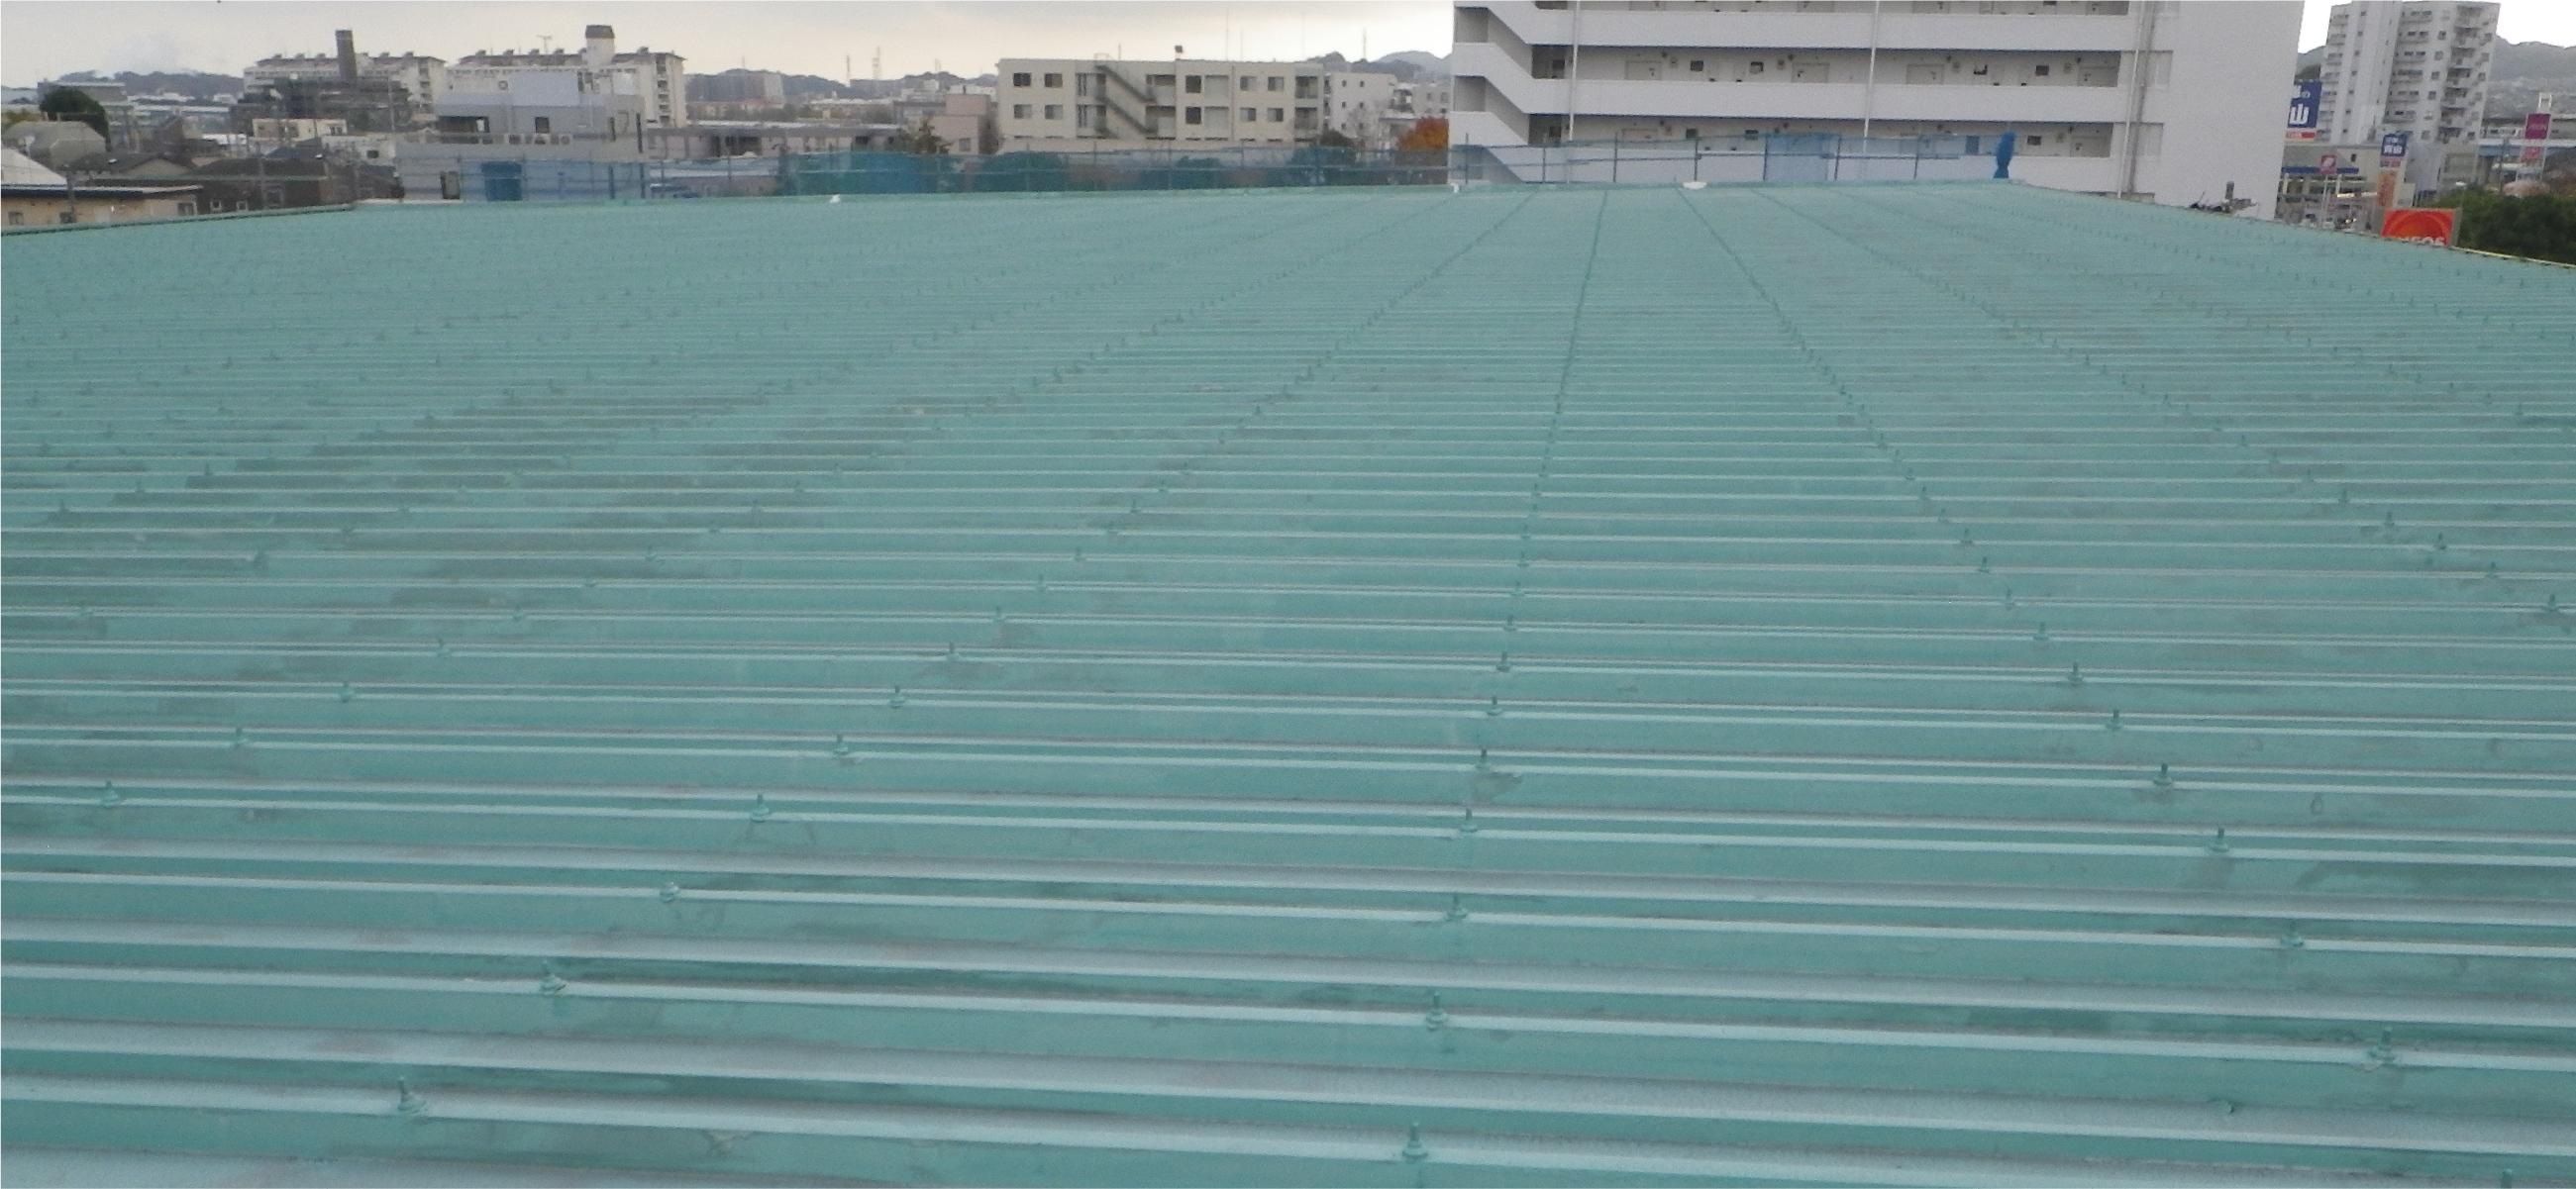 横浜ボウリング場屋根<br>防水工事修繕工事